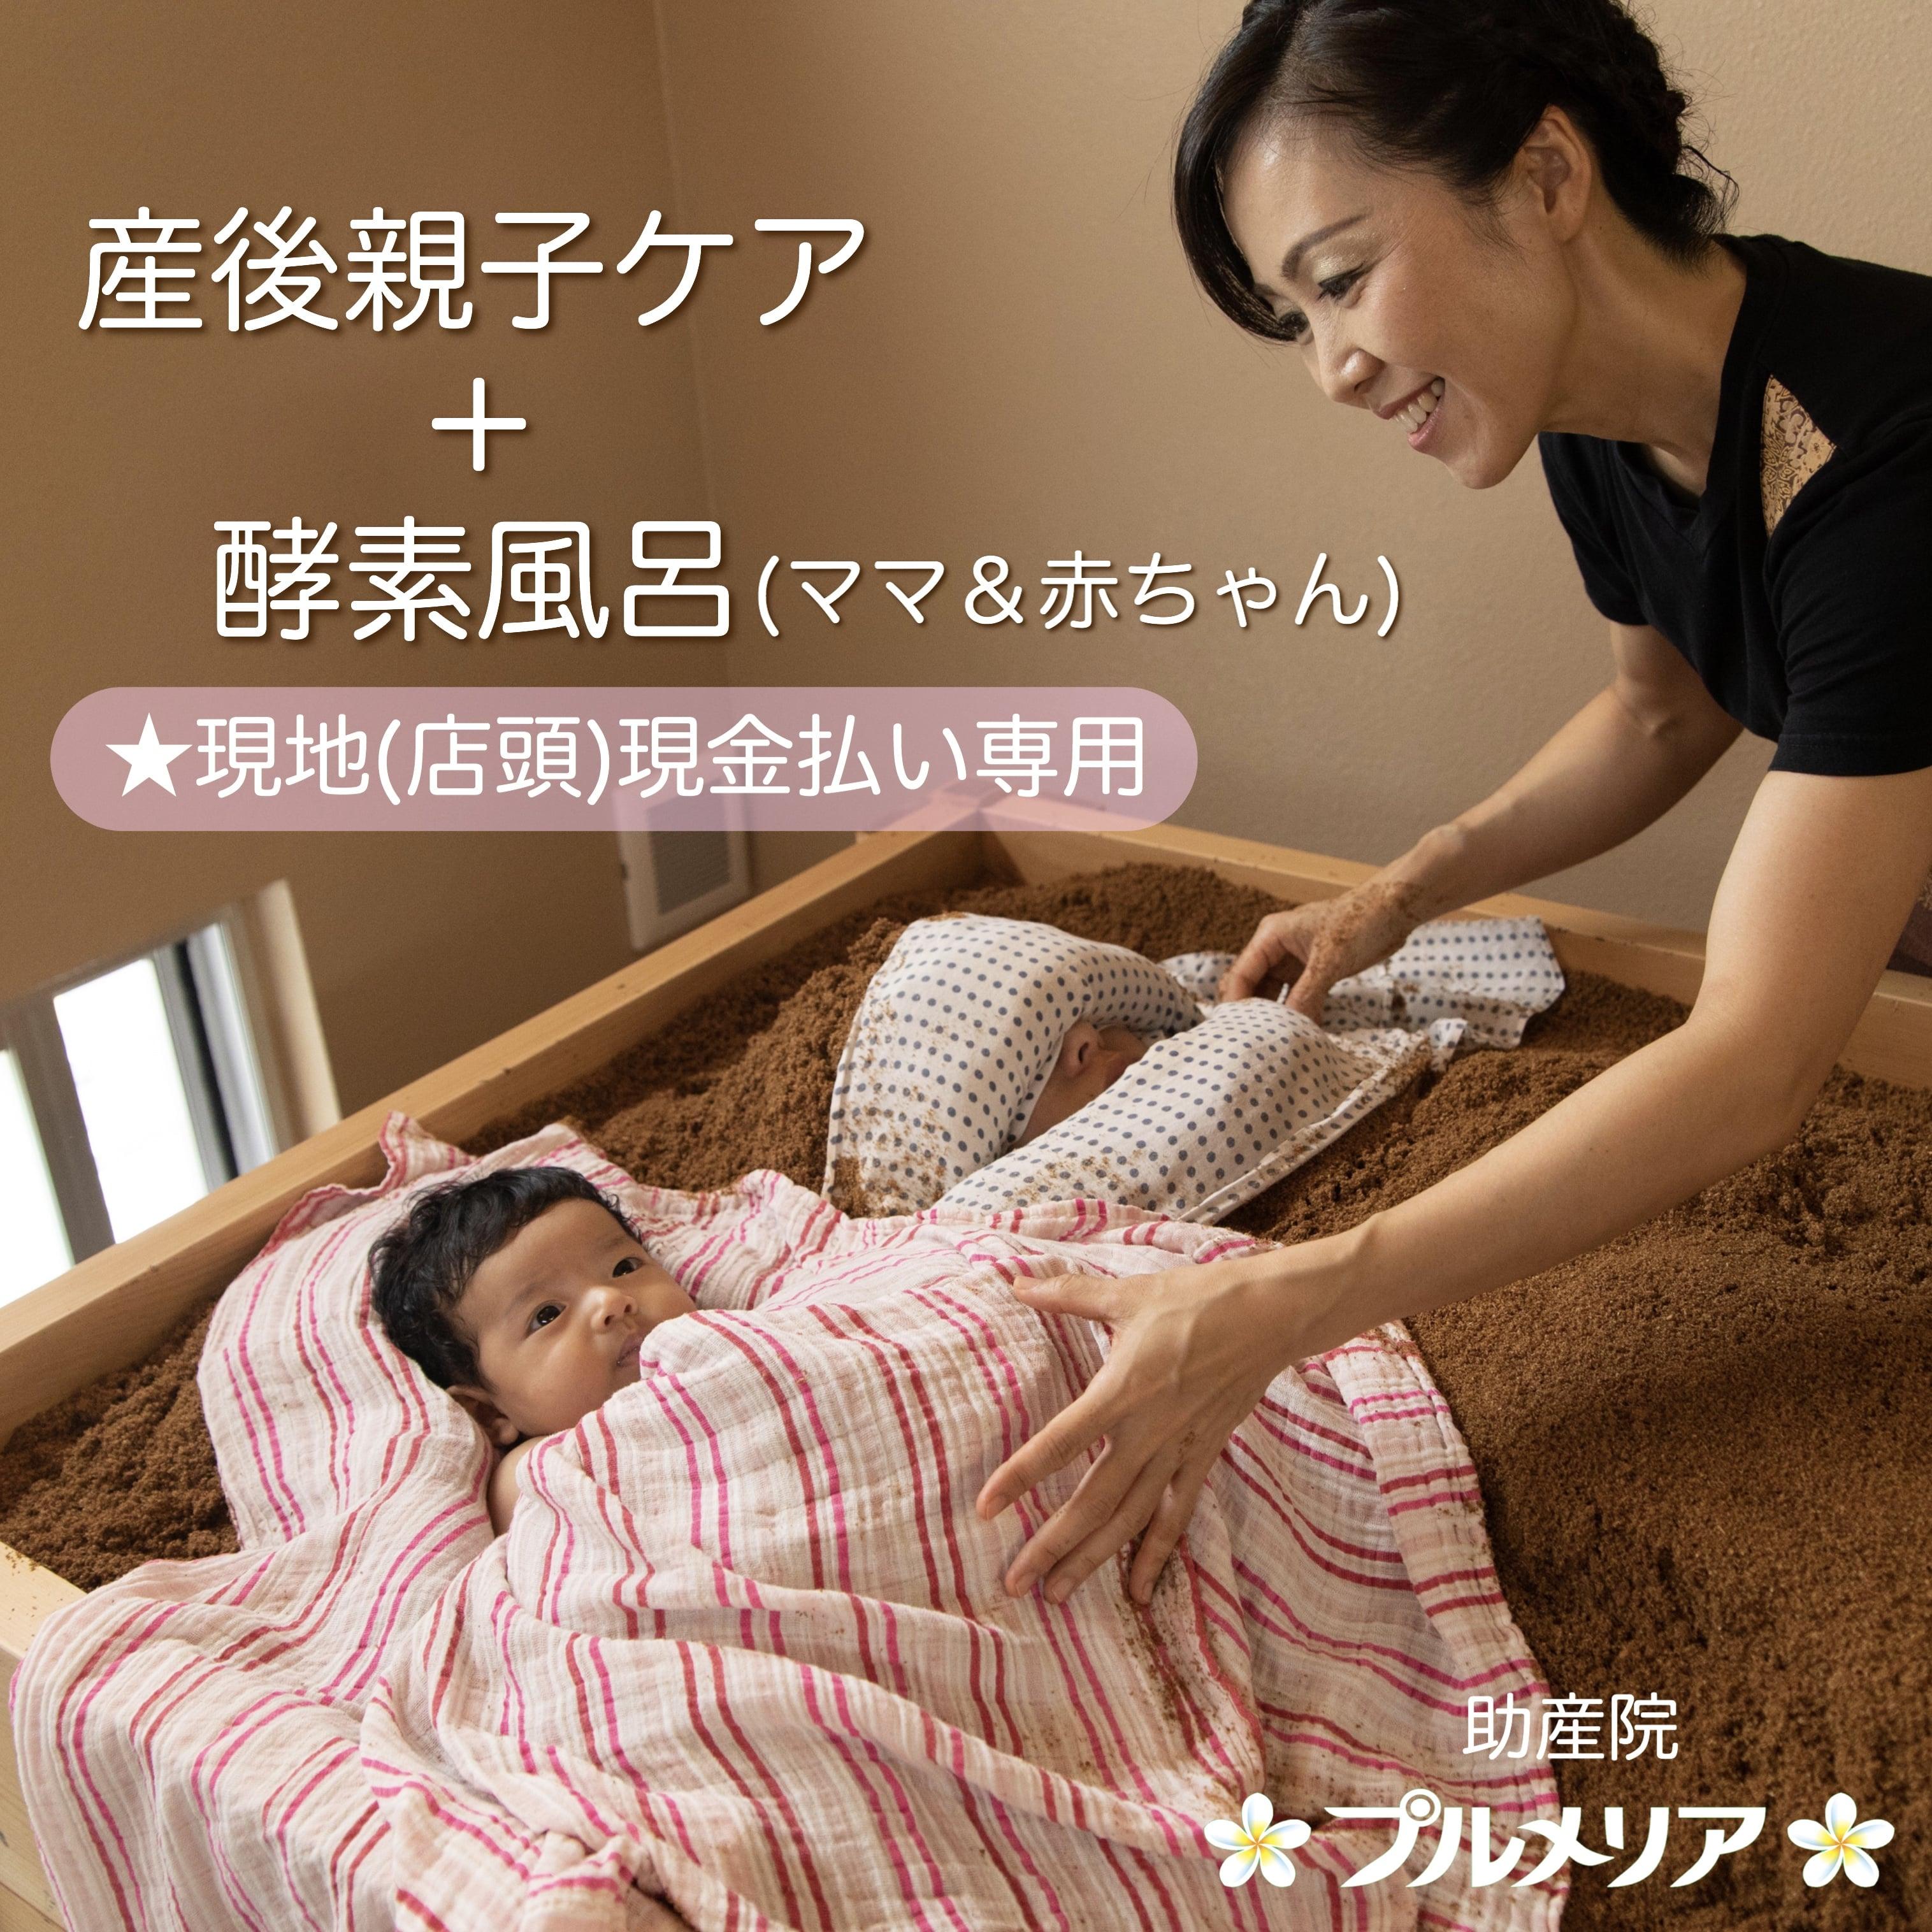 【産後親子ケア+酵素風呂(添い寝)】☆現金現地払い専用☆のイメージその1